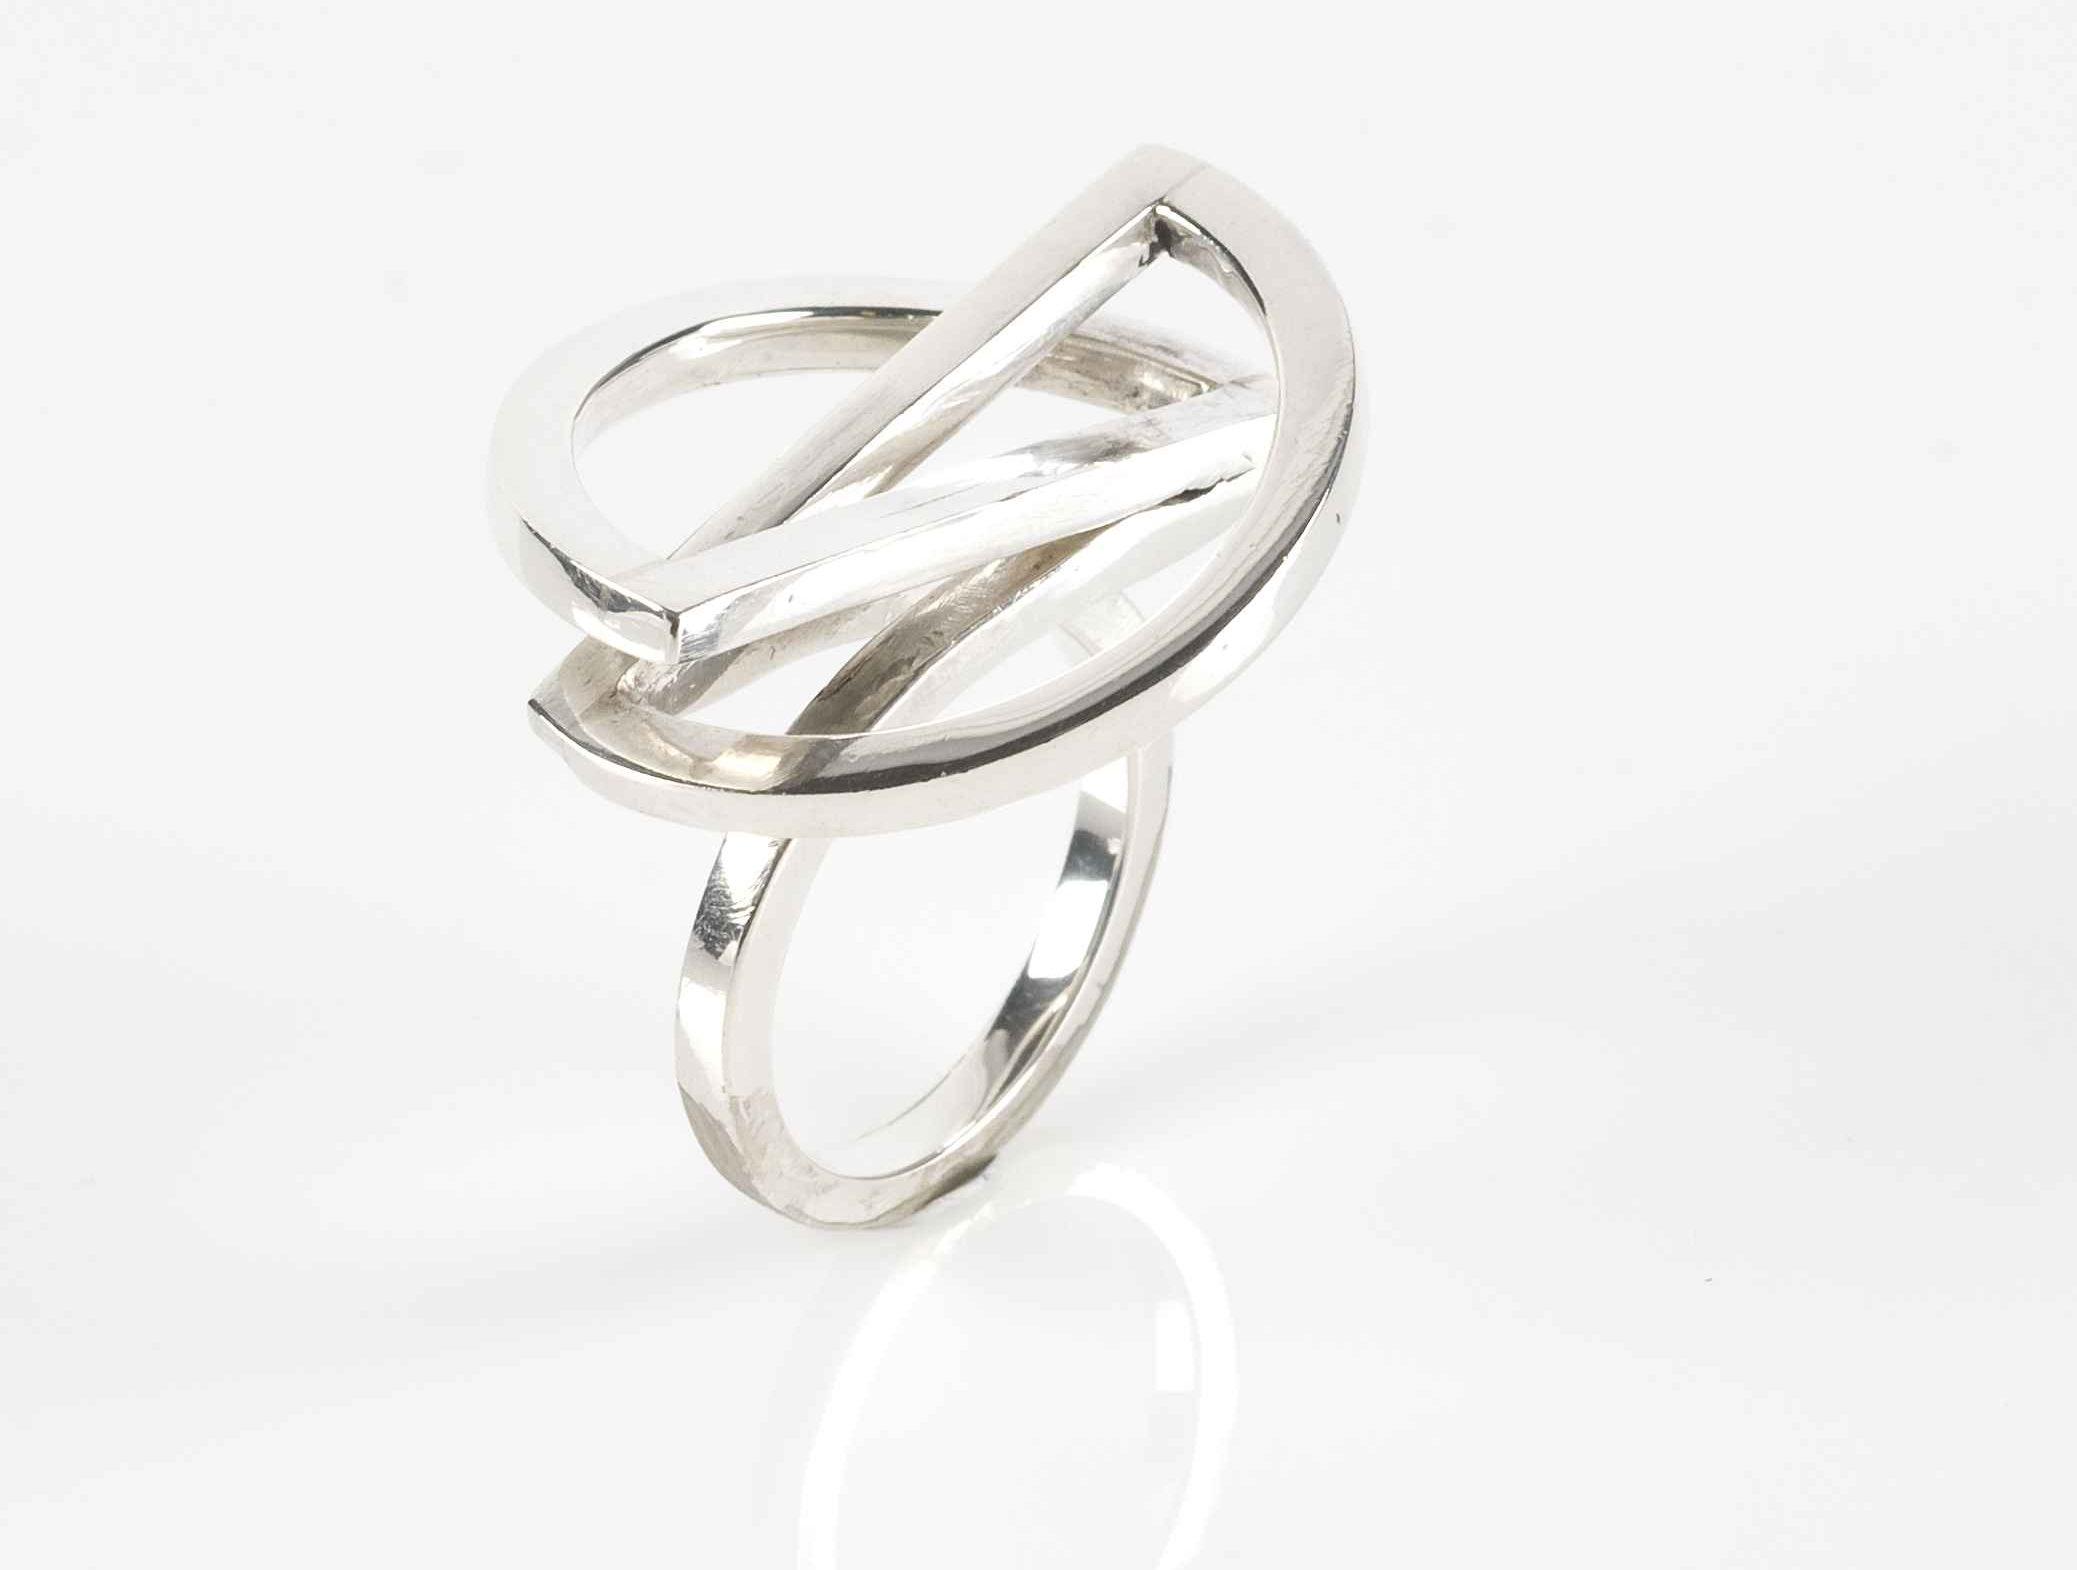 Nicolaas Thuys, ring. Collectie CODA, NT00005-005. Foto met dank aan CODA©